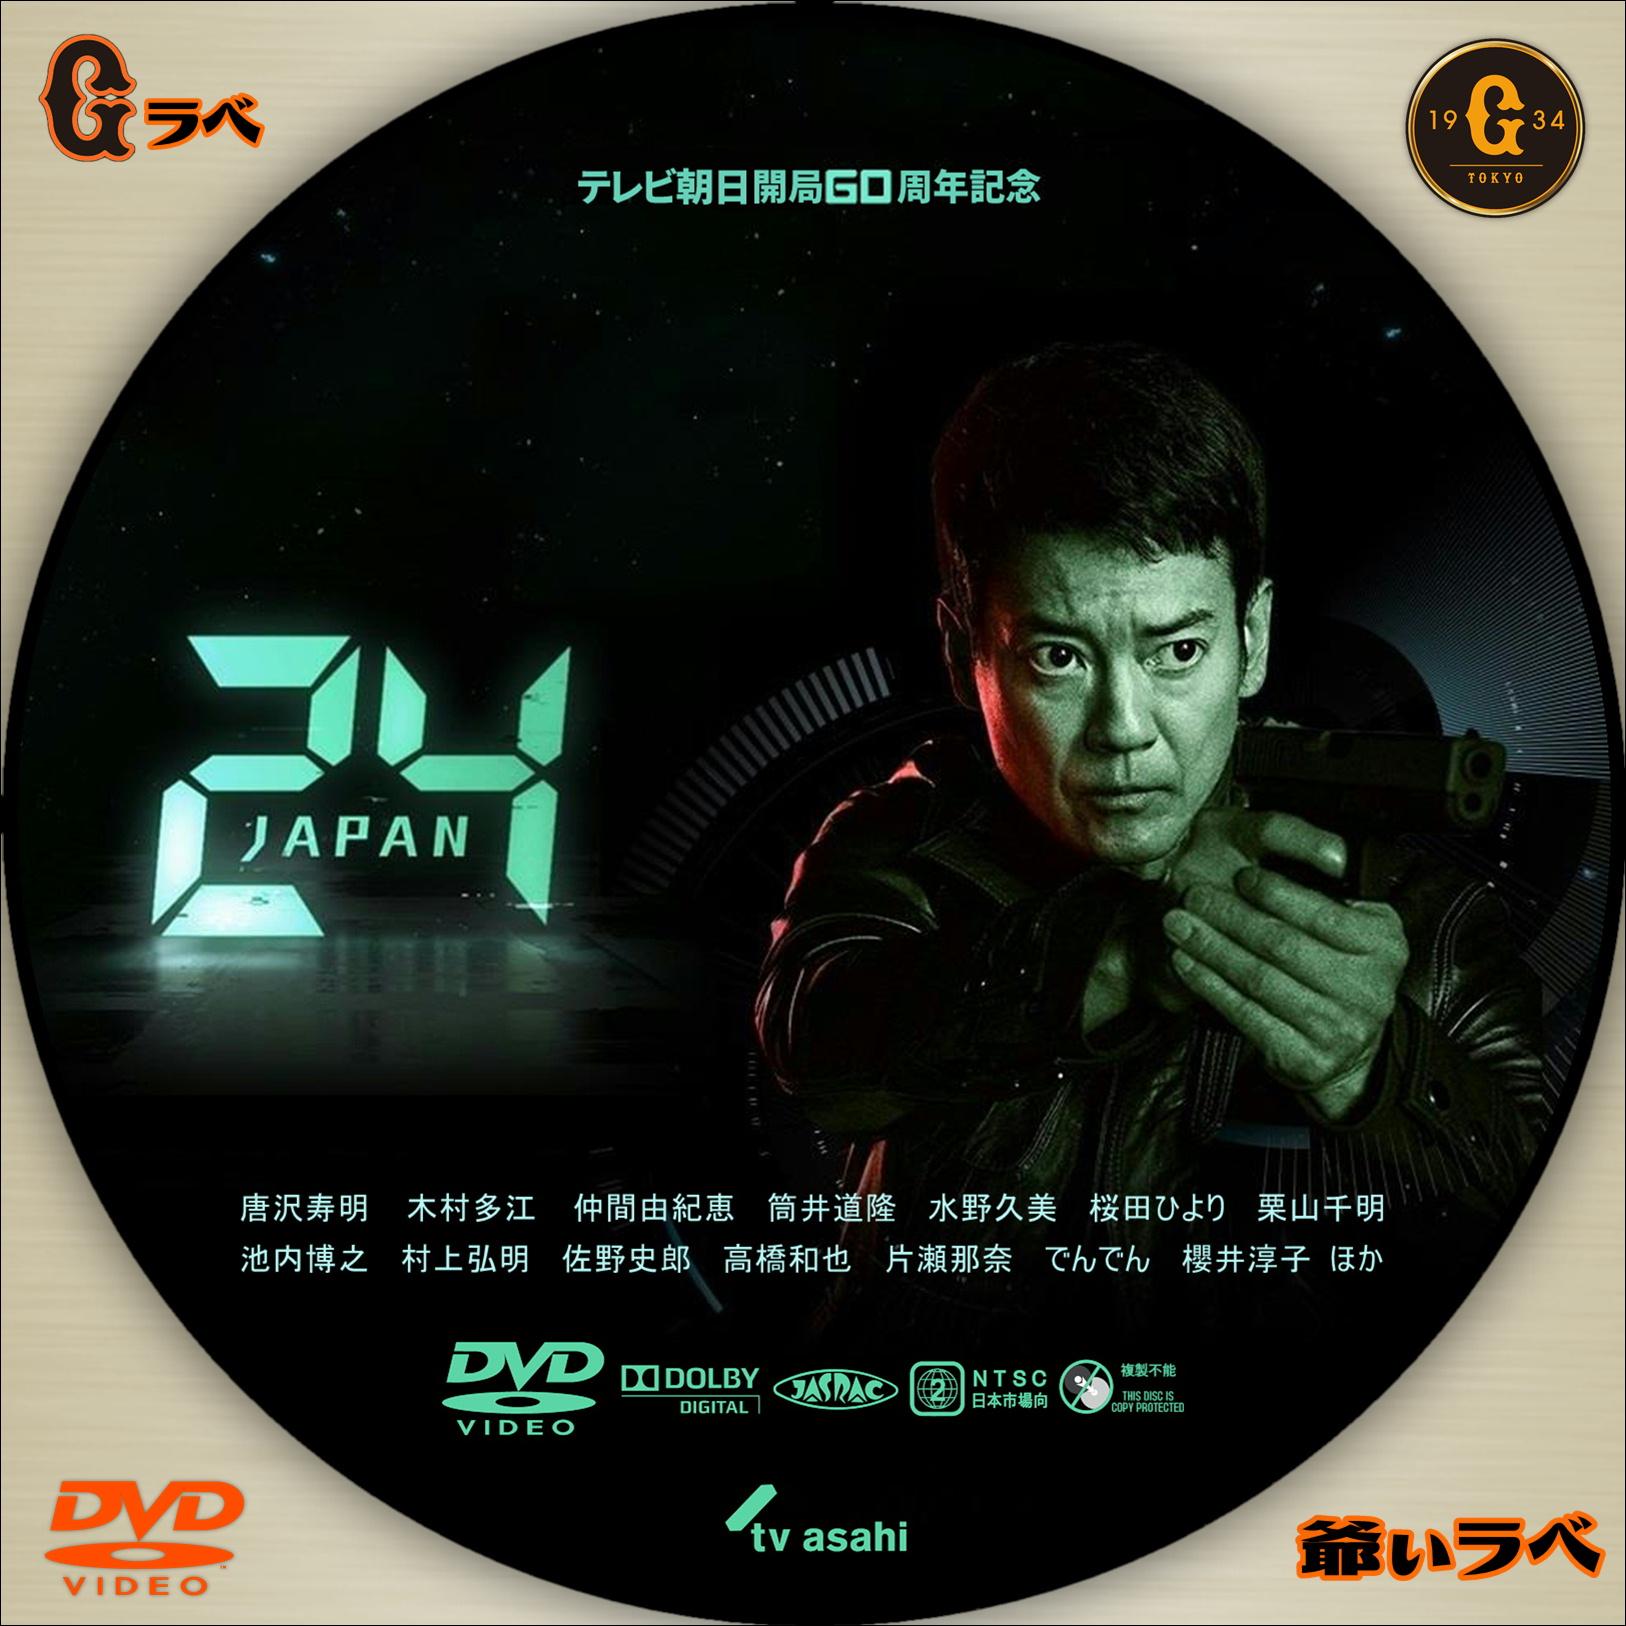 24 JAPAN 修正版(DVD)